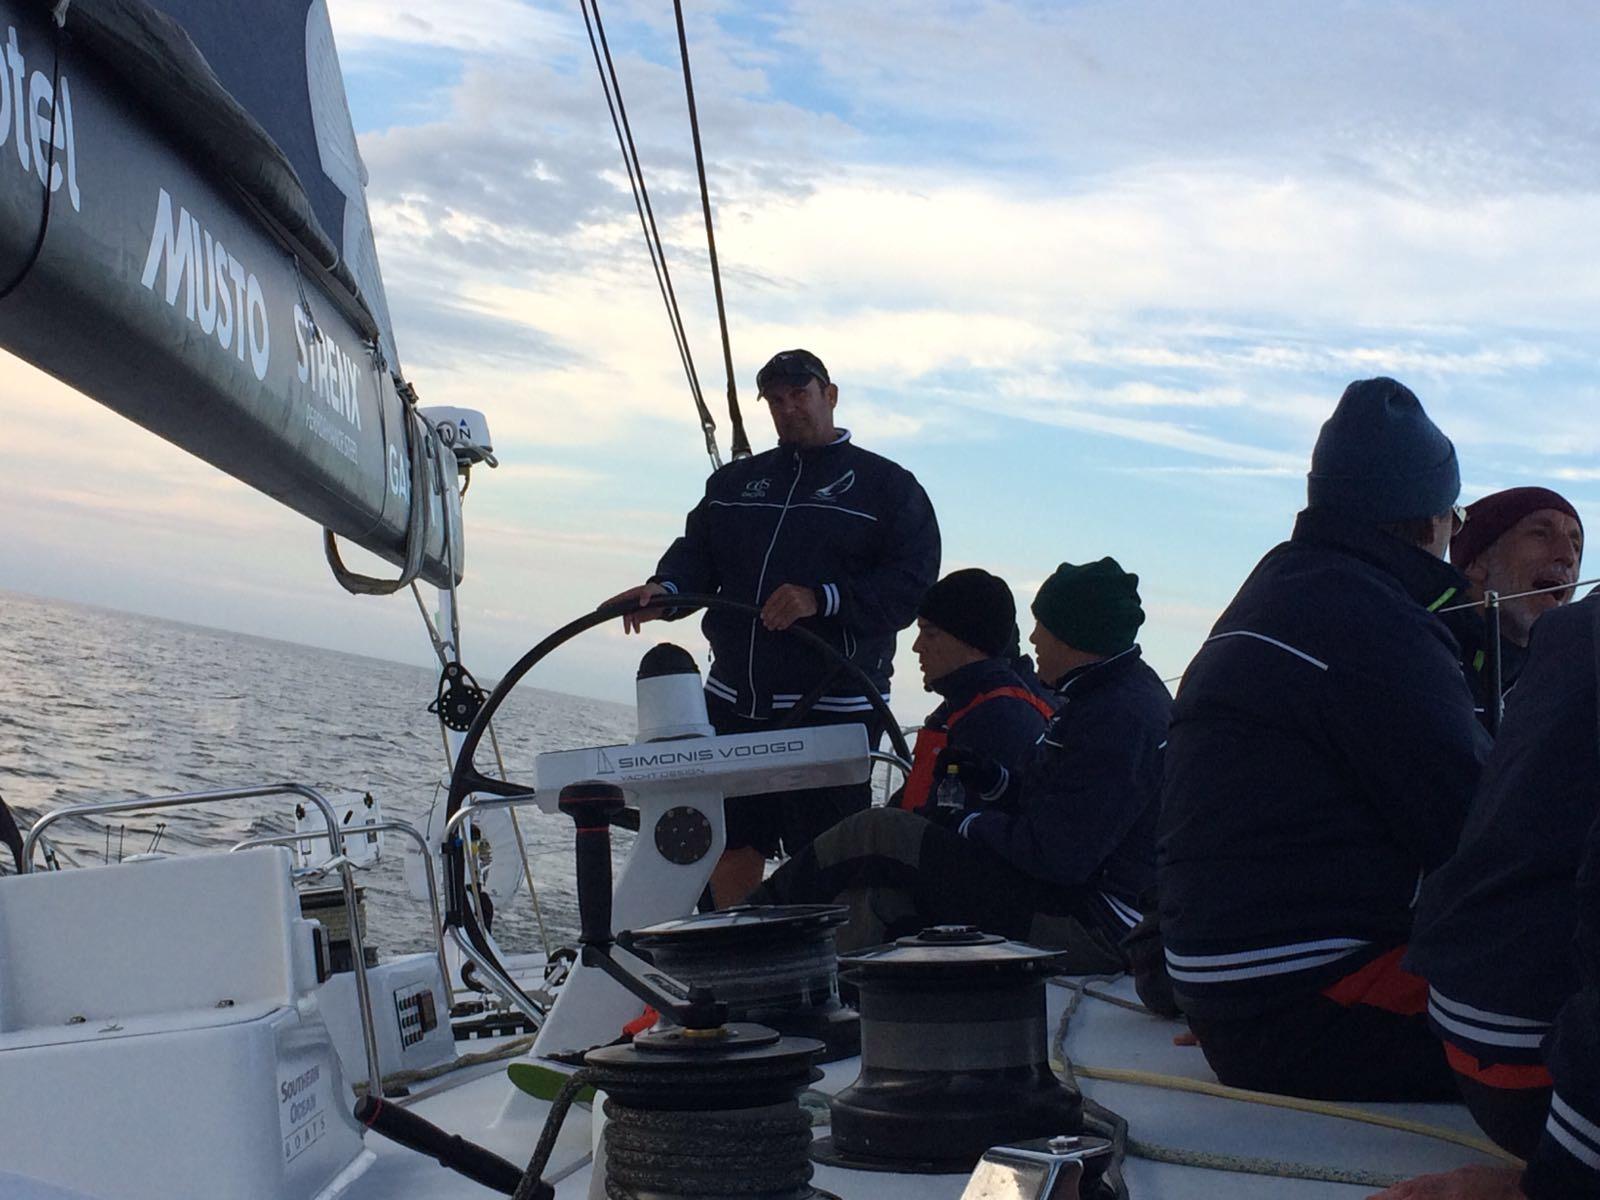 KSSS AF Offshore Gotland Runt Race. Stockholm, Sweden